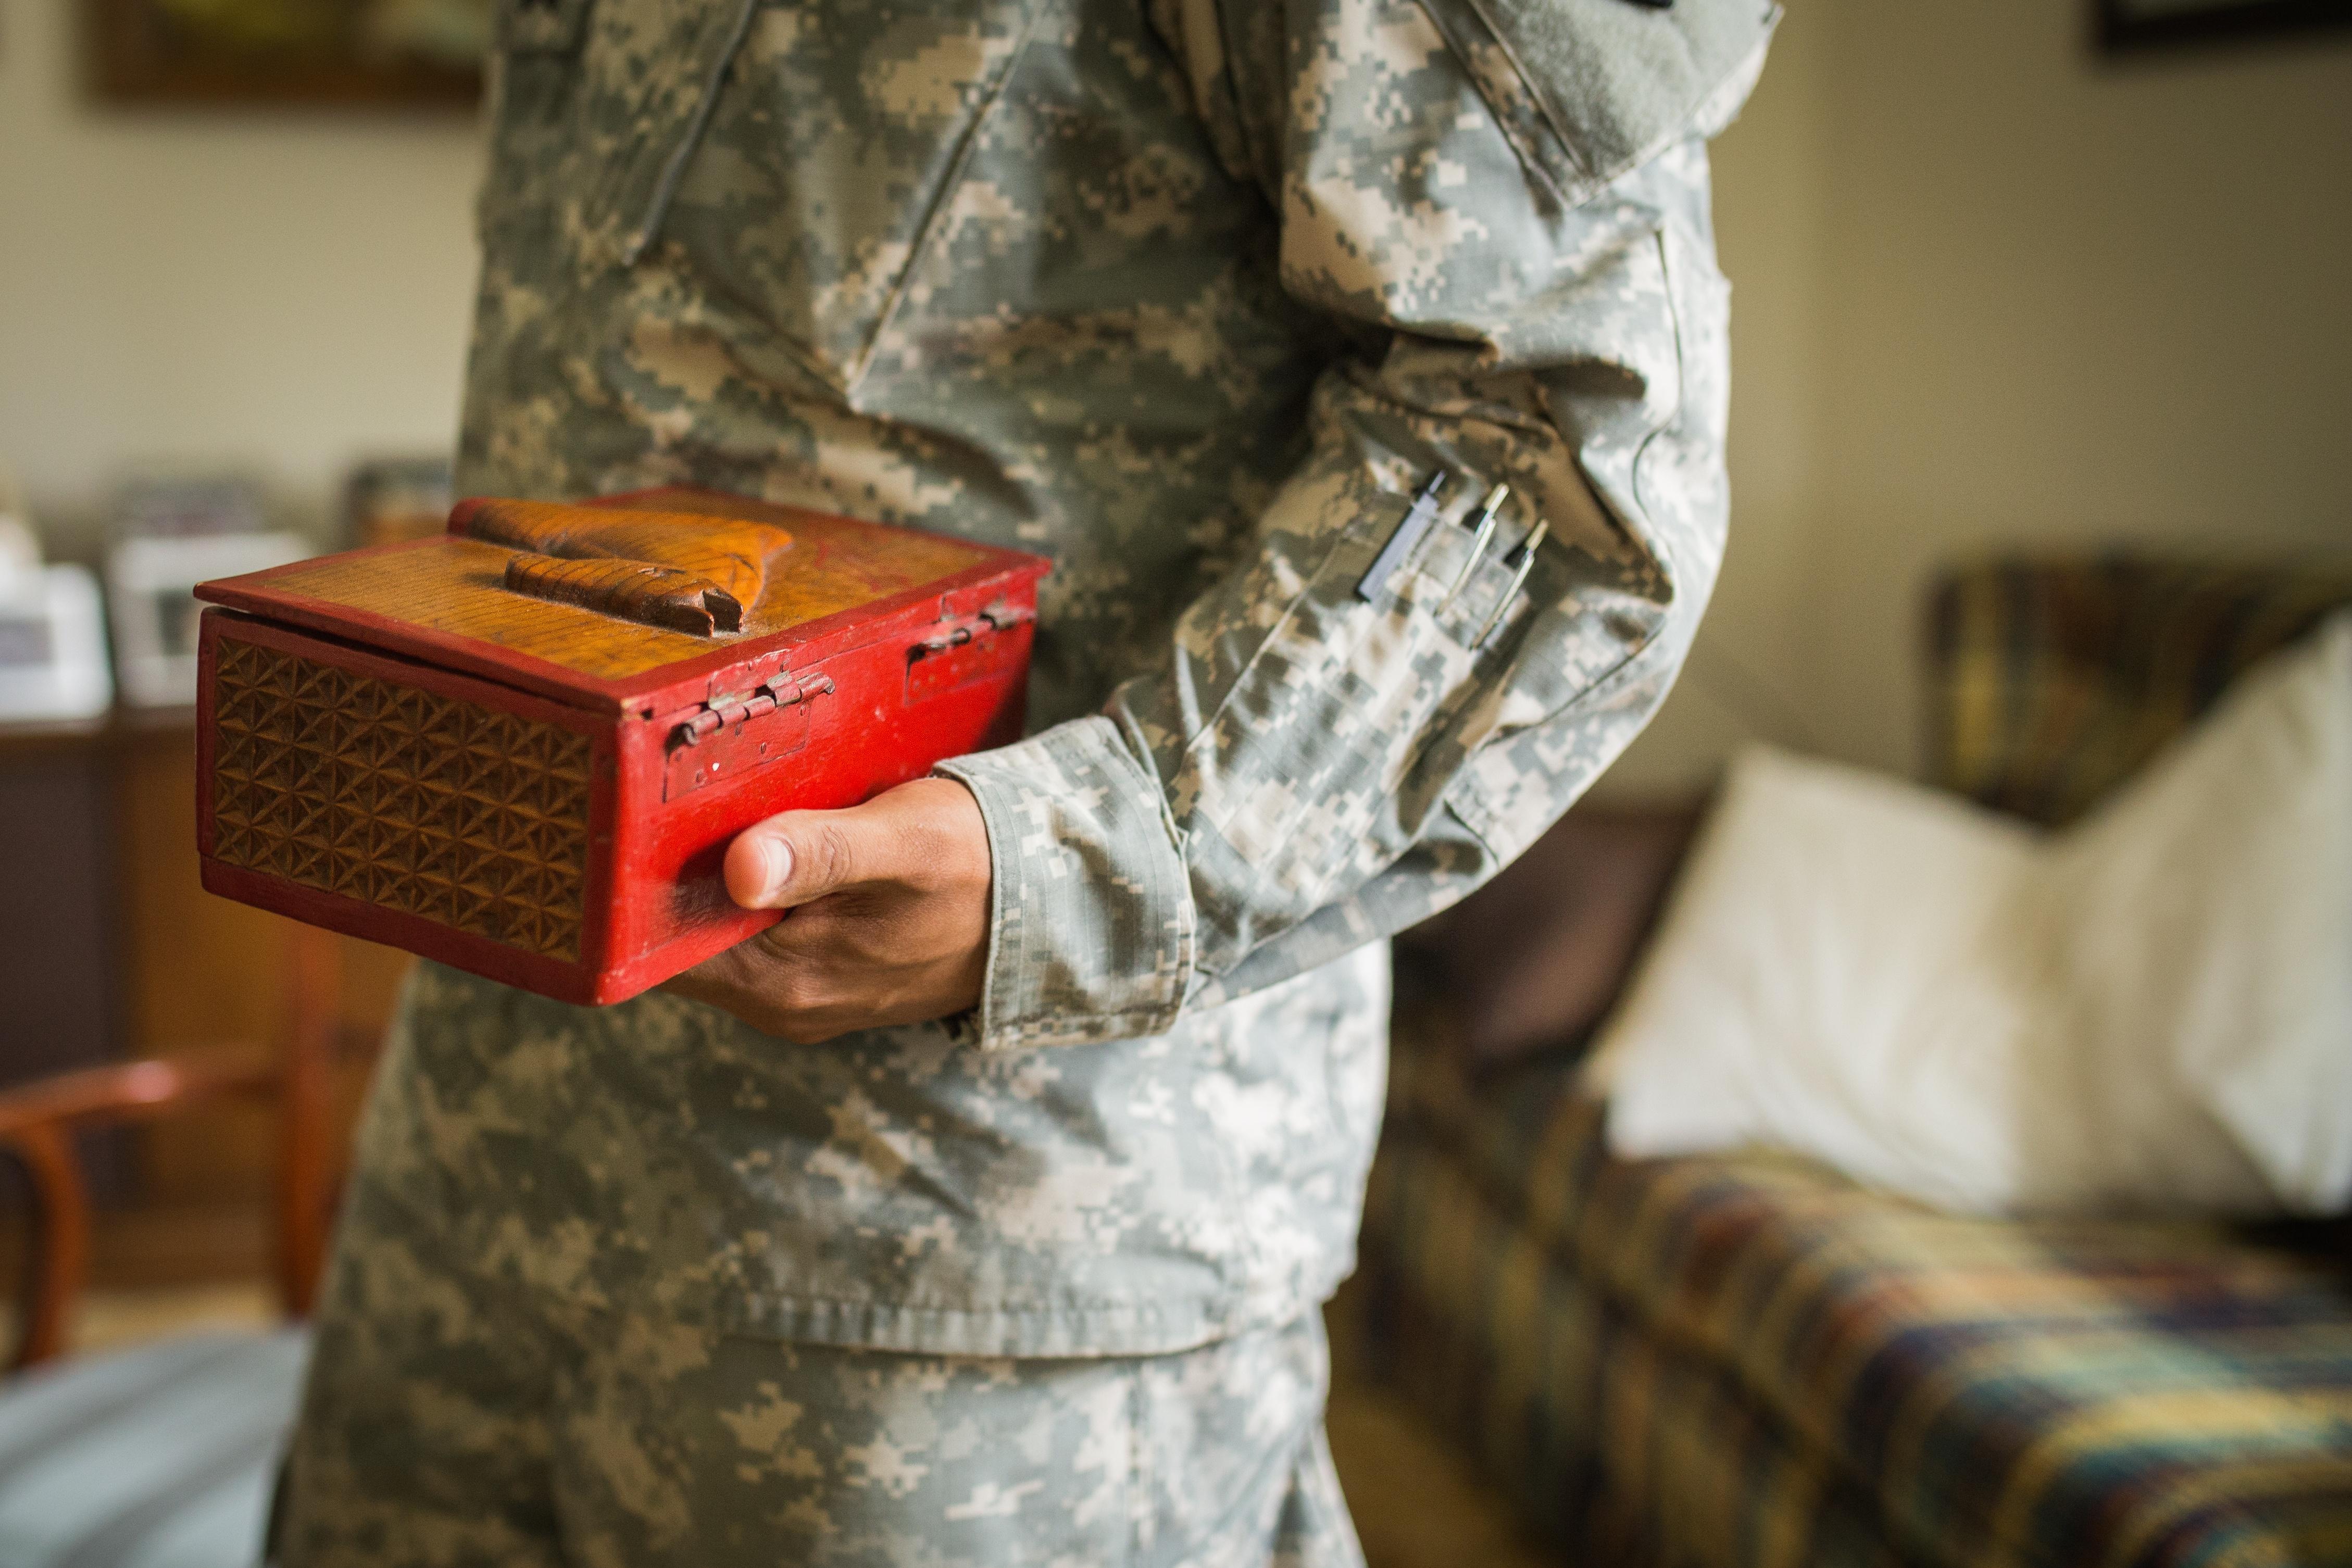 Adrian holding Stewart's box